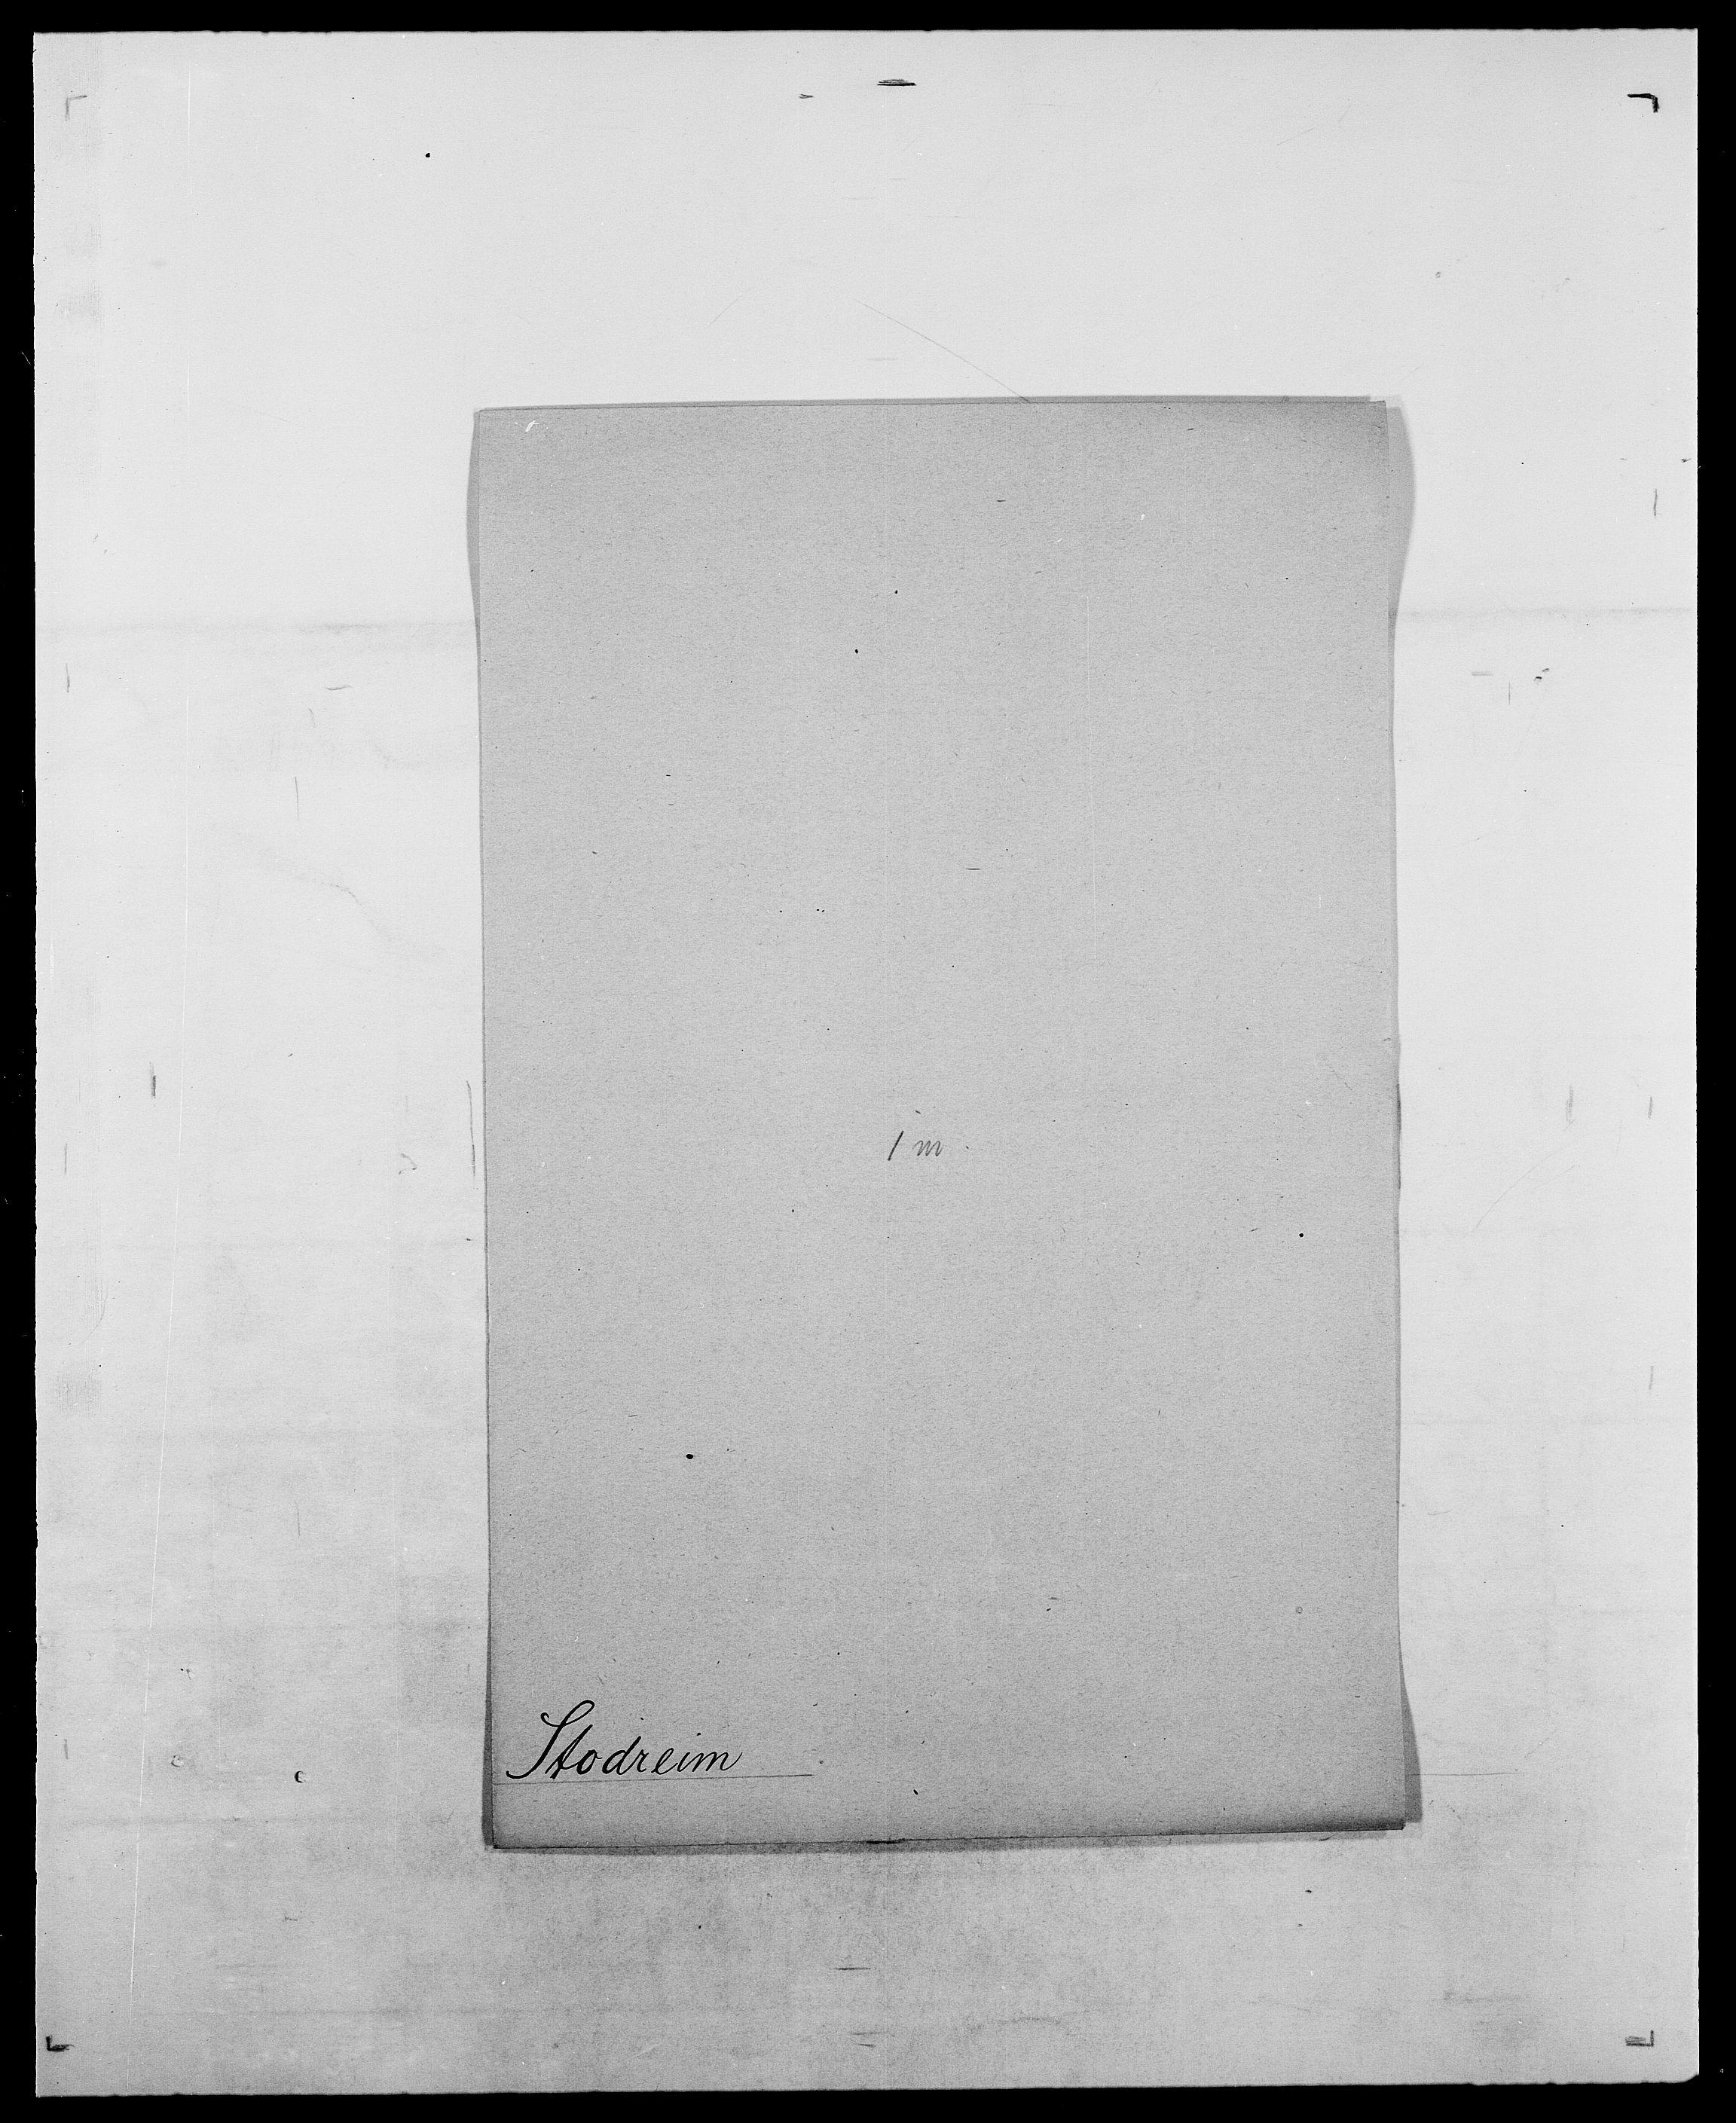 SAO, Delgobe, Charles Antoine - samling, D/Da/L0037: Steen, Sthen, Stein - Svare, Svanige, Svanne, se også Svanning og Schwane, s. 428